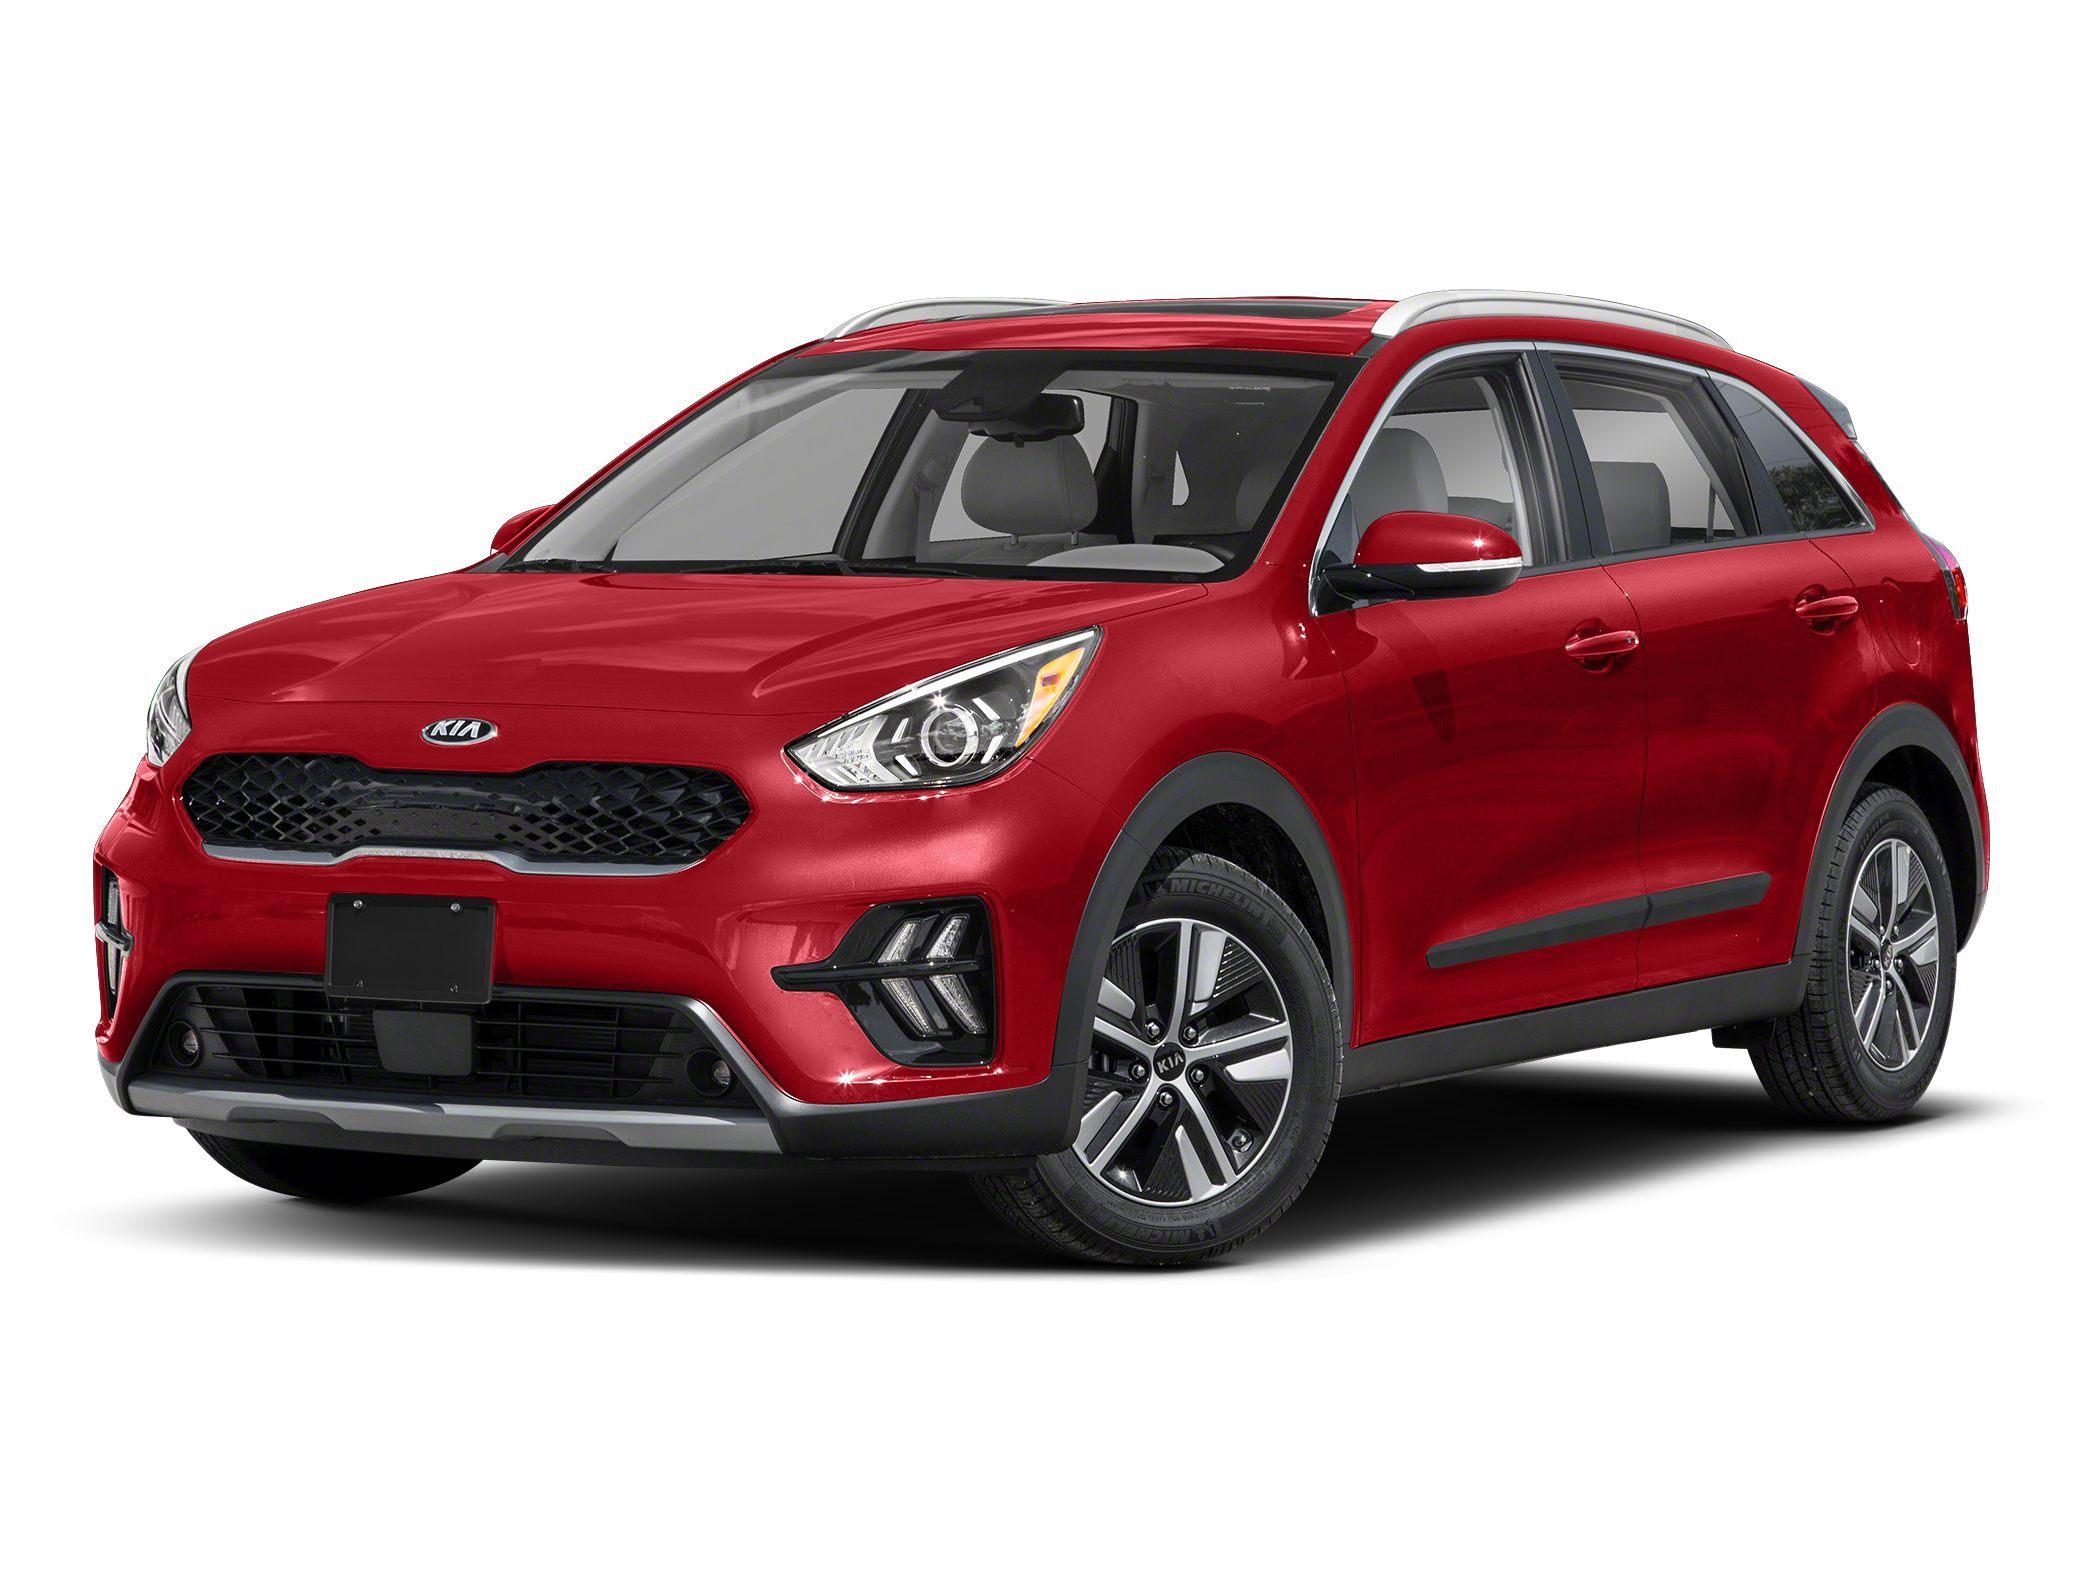 2021 Kia Niro SUV